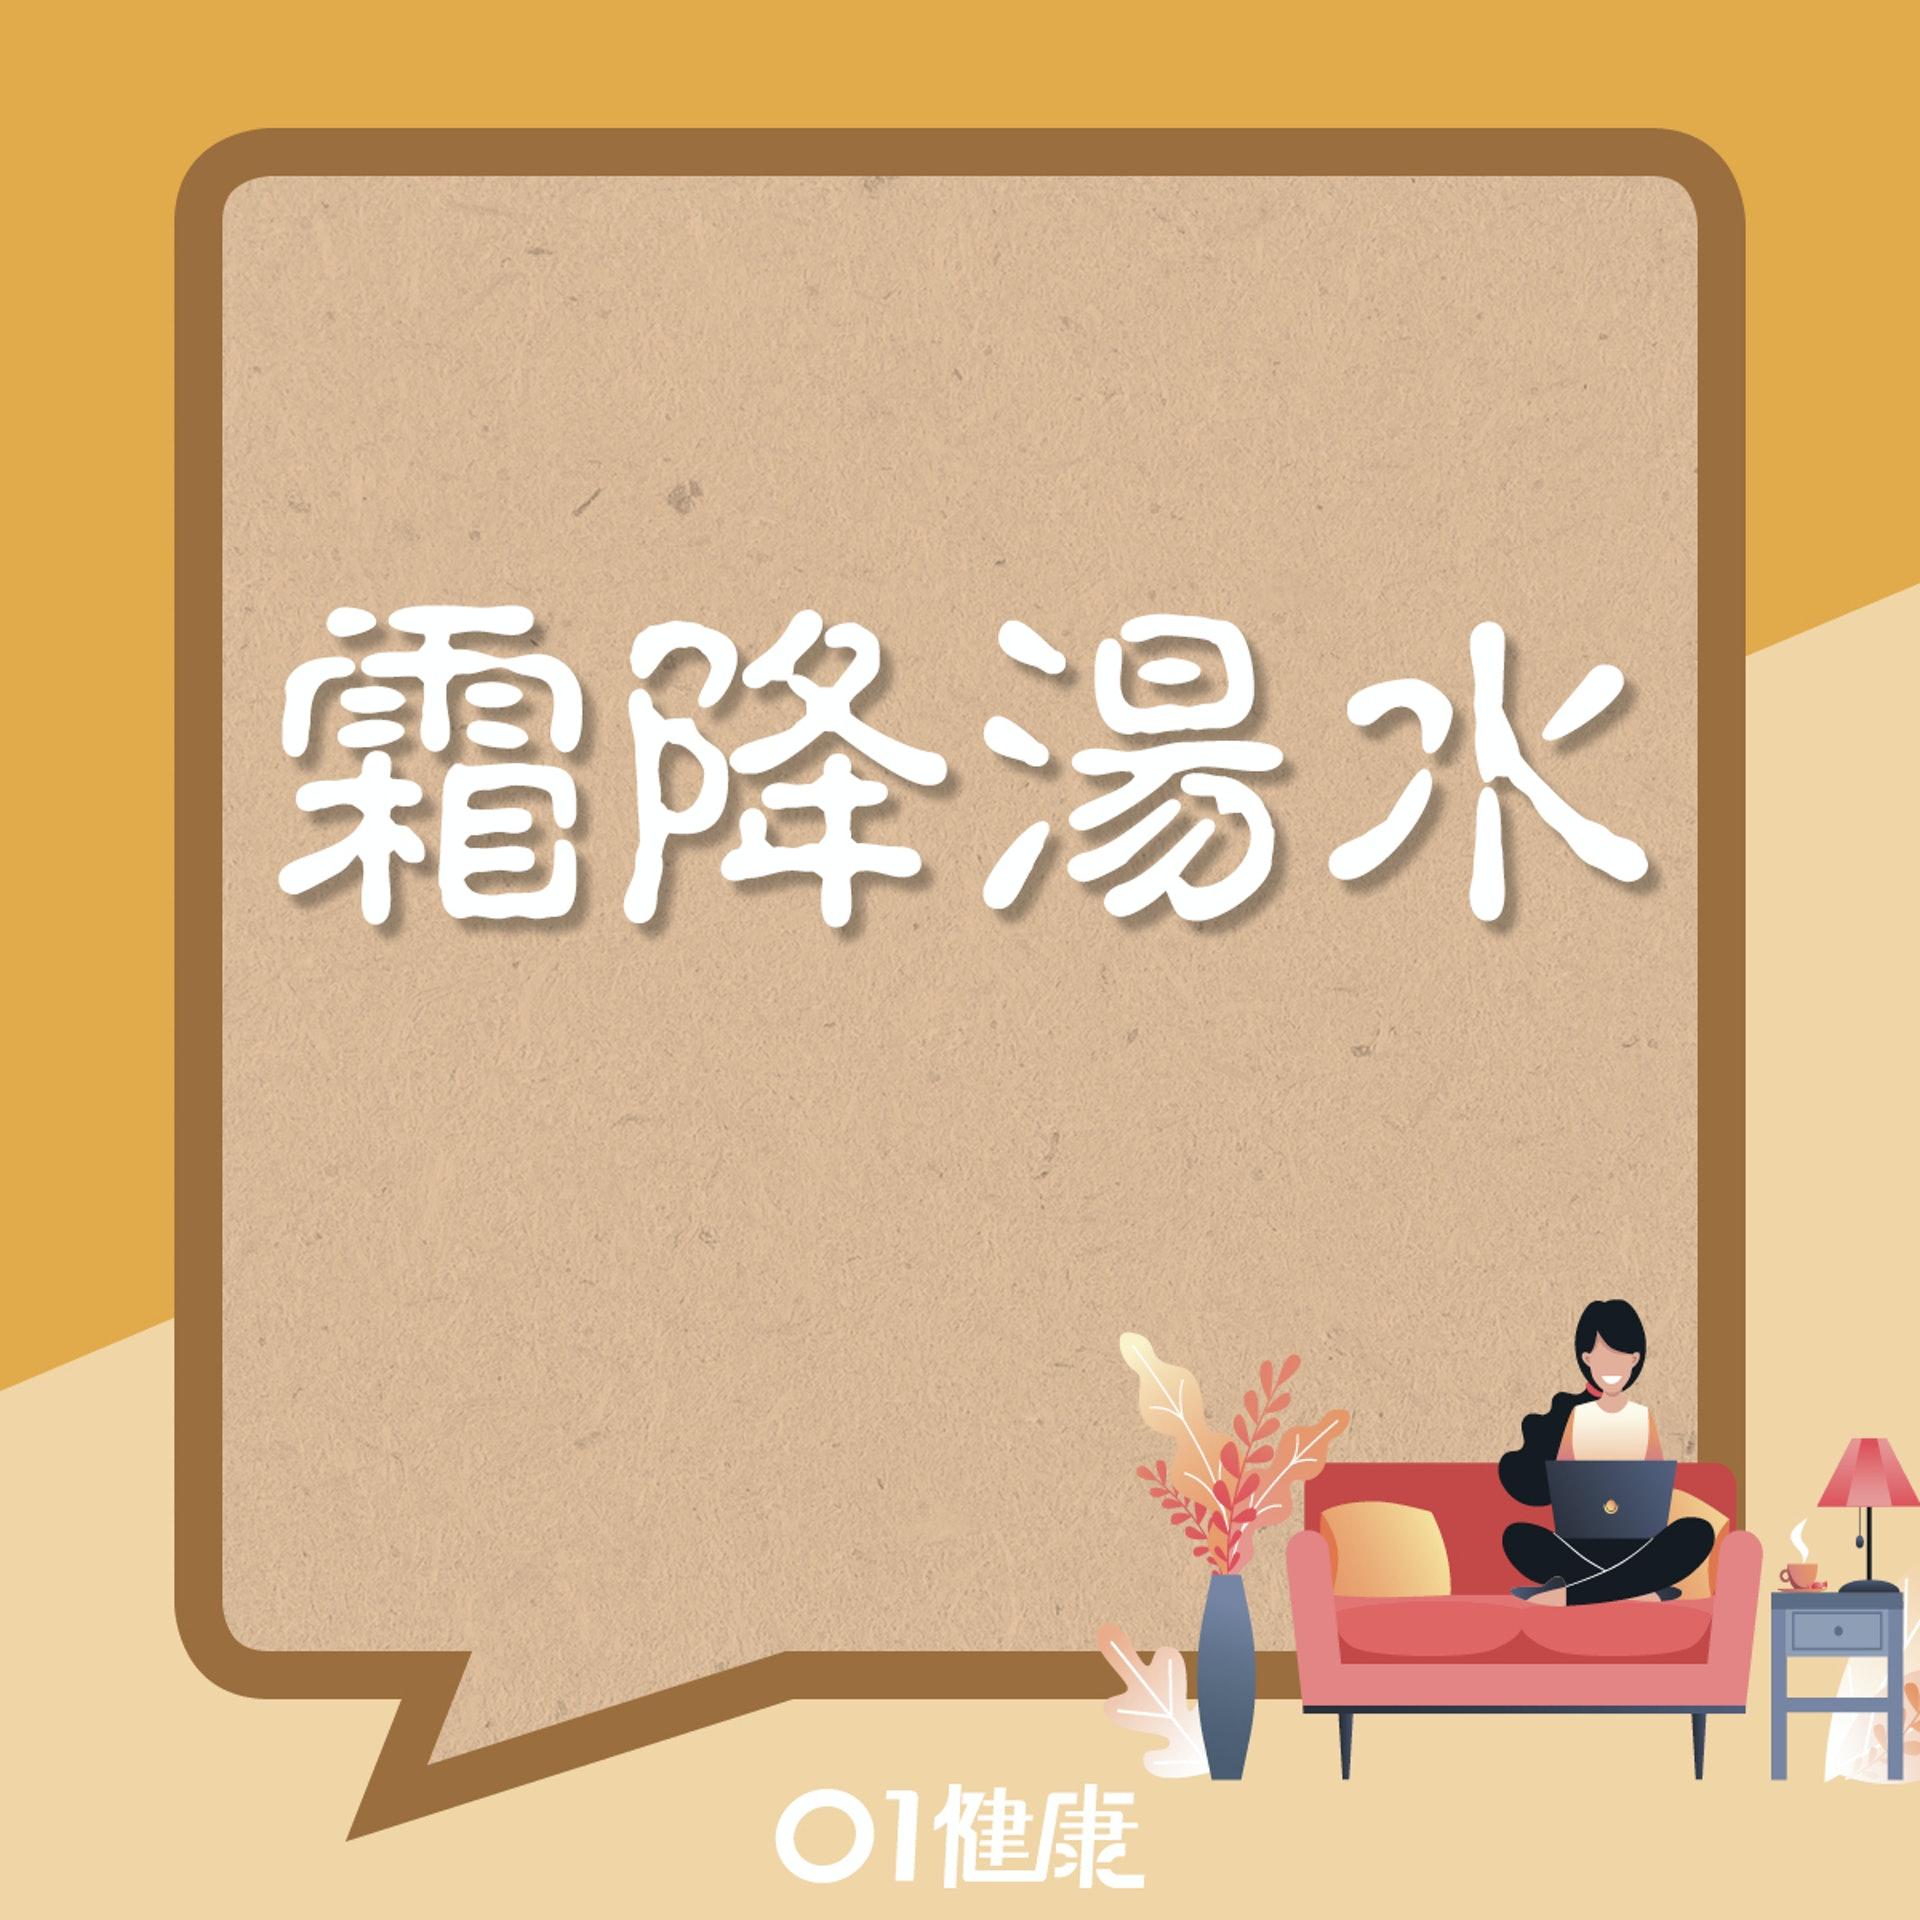 西洋菜陳腎豬骨湯(01製圖)